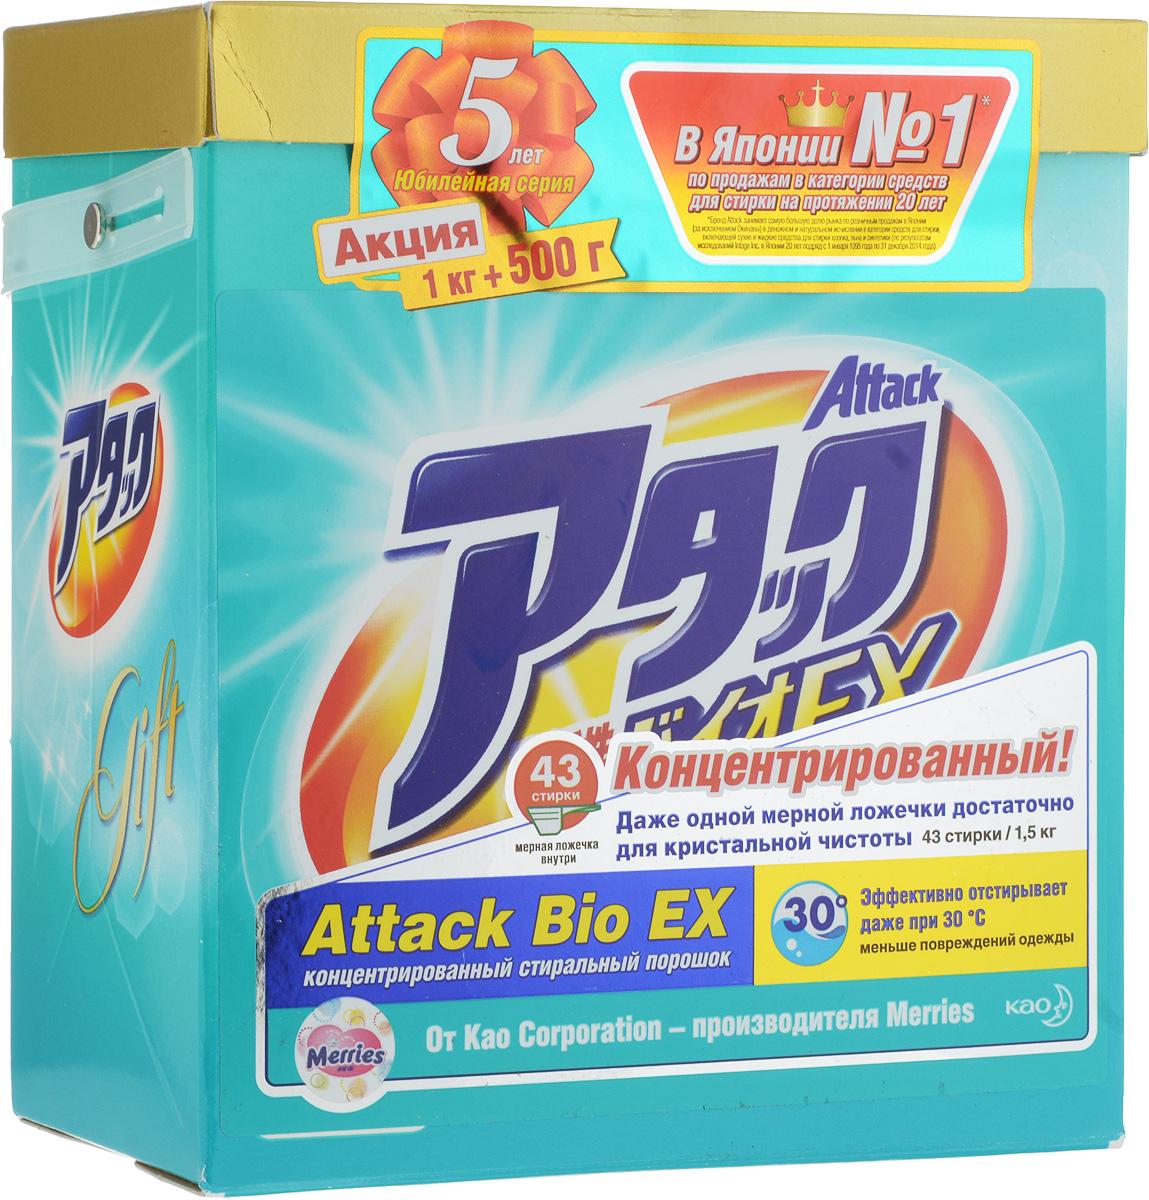 Порошок стиральный Attack Bio EX, универсальный, концентрированный, 1,5 кг620300013Стиральный порошок Attack Bio EX предназначен для стирки белых, цветных и темных тканей (хлопок, лен, синтетика). Не подходит для стирки шерсти и шелка.Благодаря гранулам, содержащим воздух, средство быстро растворяется в холодной воде и хорошо вымывается, не оставляя мелких частиц, раздражающих кожу. Особенности стирального порошка Attack Bio EX: - проникает глубоко в волокно и вымывает въевшуюся грязь, засаленность и неприятные запахи- безупречно отстирывает в холодной воде, что позволяет носить любимые вещи дольше, снизить время стирки и расход электроэнергии,- сохраняет и усиливает яркость цветов,- не оставляет белых разводов,- не содержит фосфатов и хлора,- биоразлагаемый,- обладает приятным ароматом.Состав: 15-30% цеолит, 5-15% анионоактивные ПАВ, неионогенный ПАВ, поликарбоксилат; Товар сертифицирован.Уважаемые клиенты! Обращаем ваше внимание на то, что упаковка может иметь несколько видов дизайна. Поставка осуществляется в зависимости от наличия на складе.